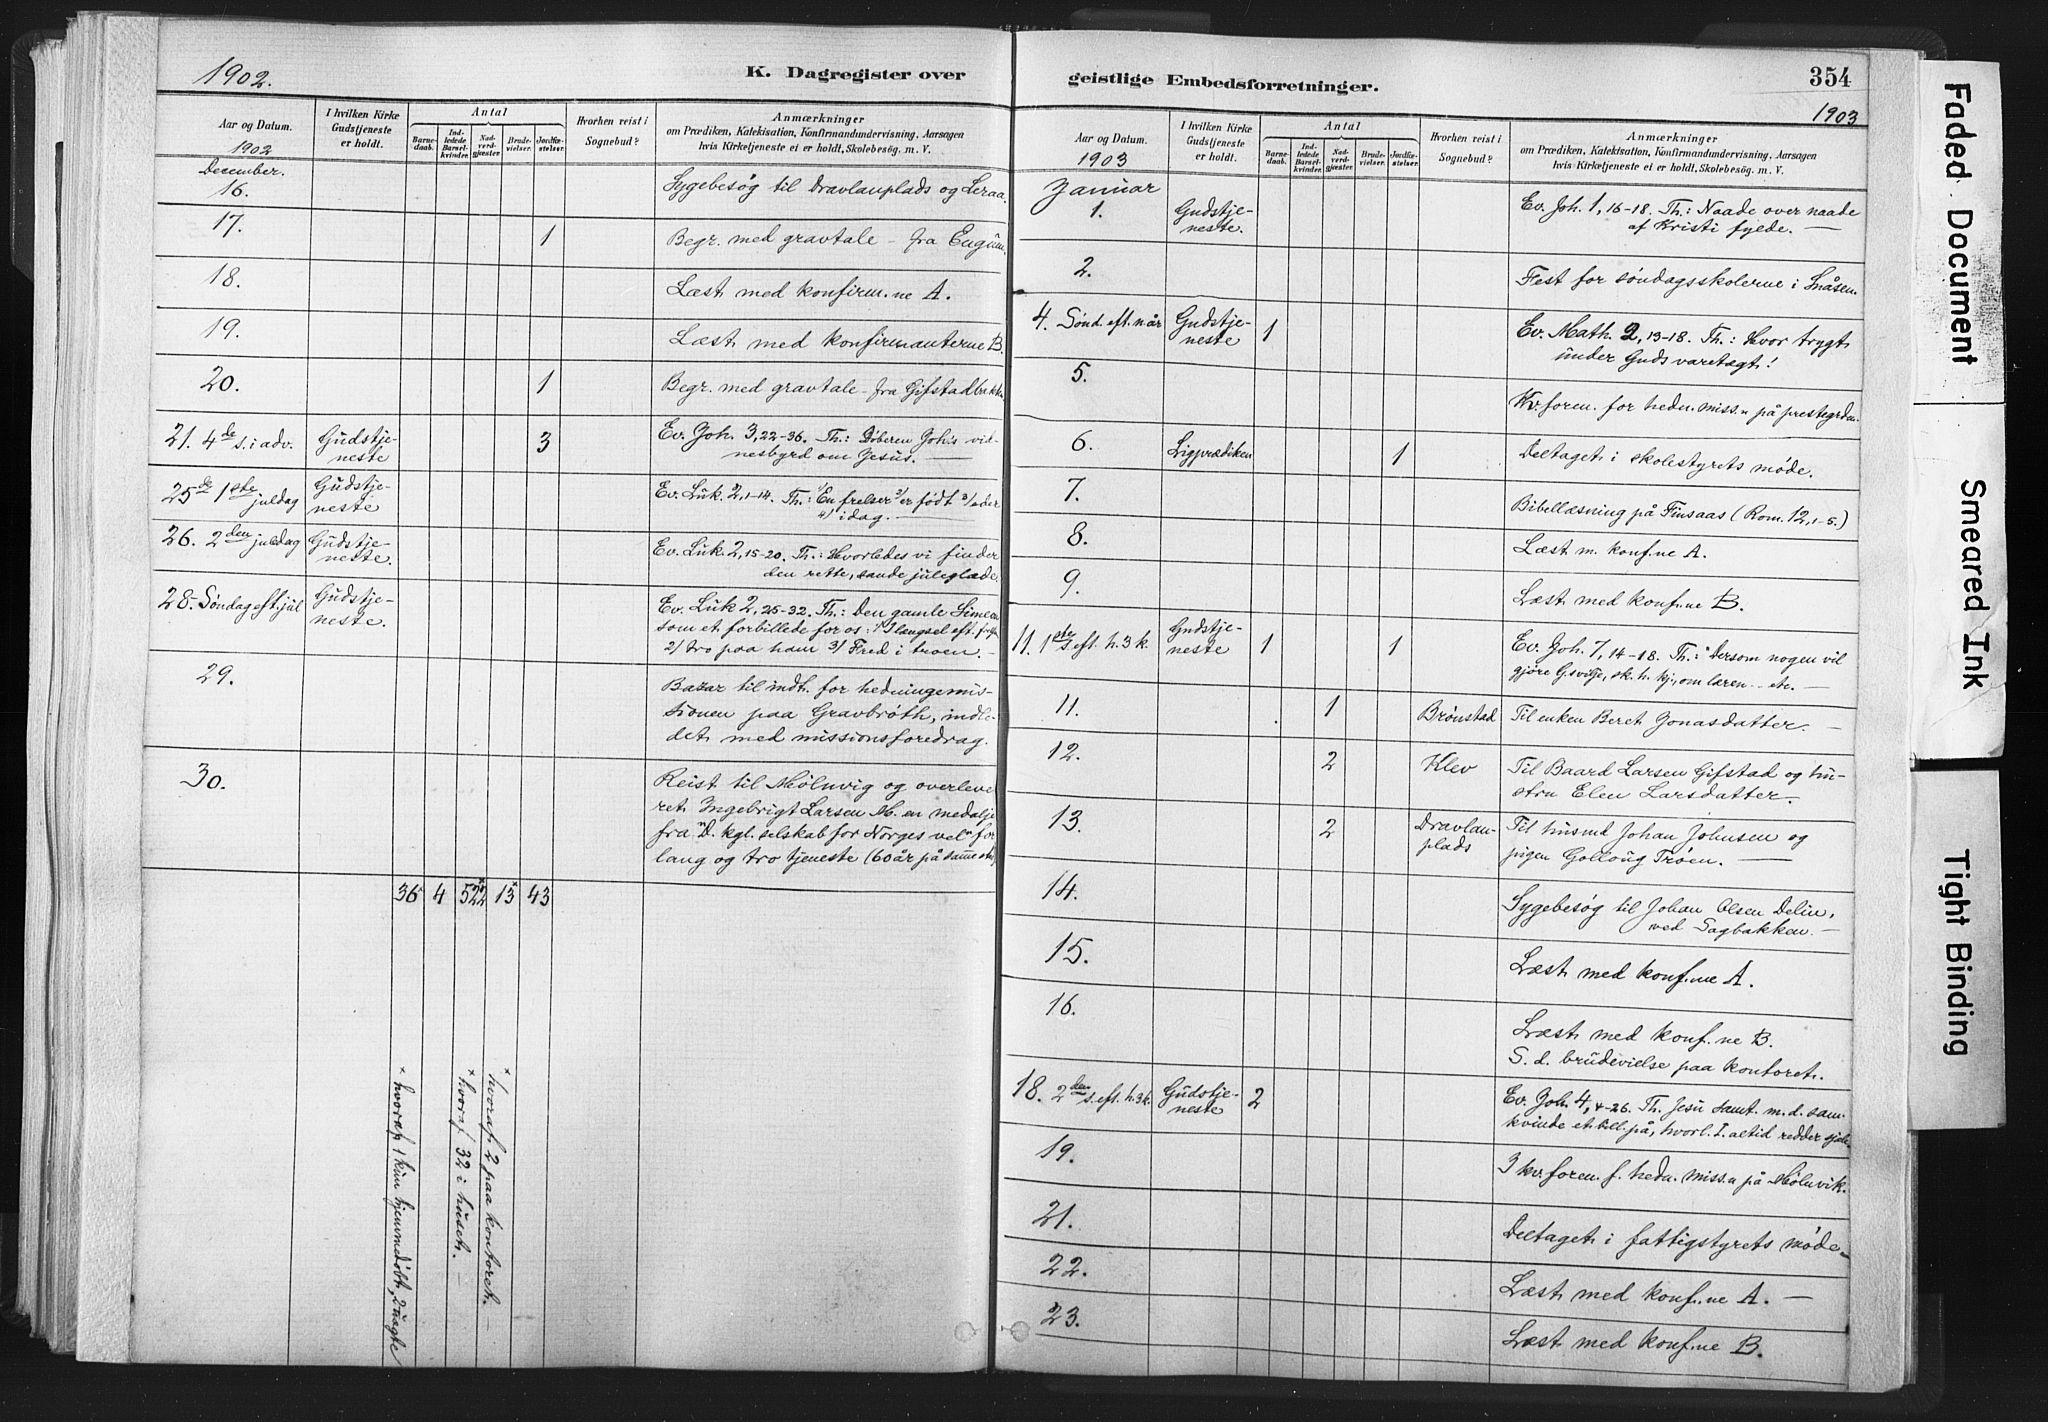 SAT, Ministerialprotokoller, klokkerbøker og fødselsregistre - Nord-Trøndelag, 749/L0474: Ministerialbok nr. 749A08, 1887-1903, s. 354